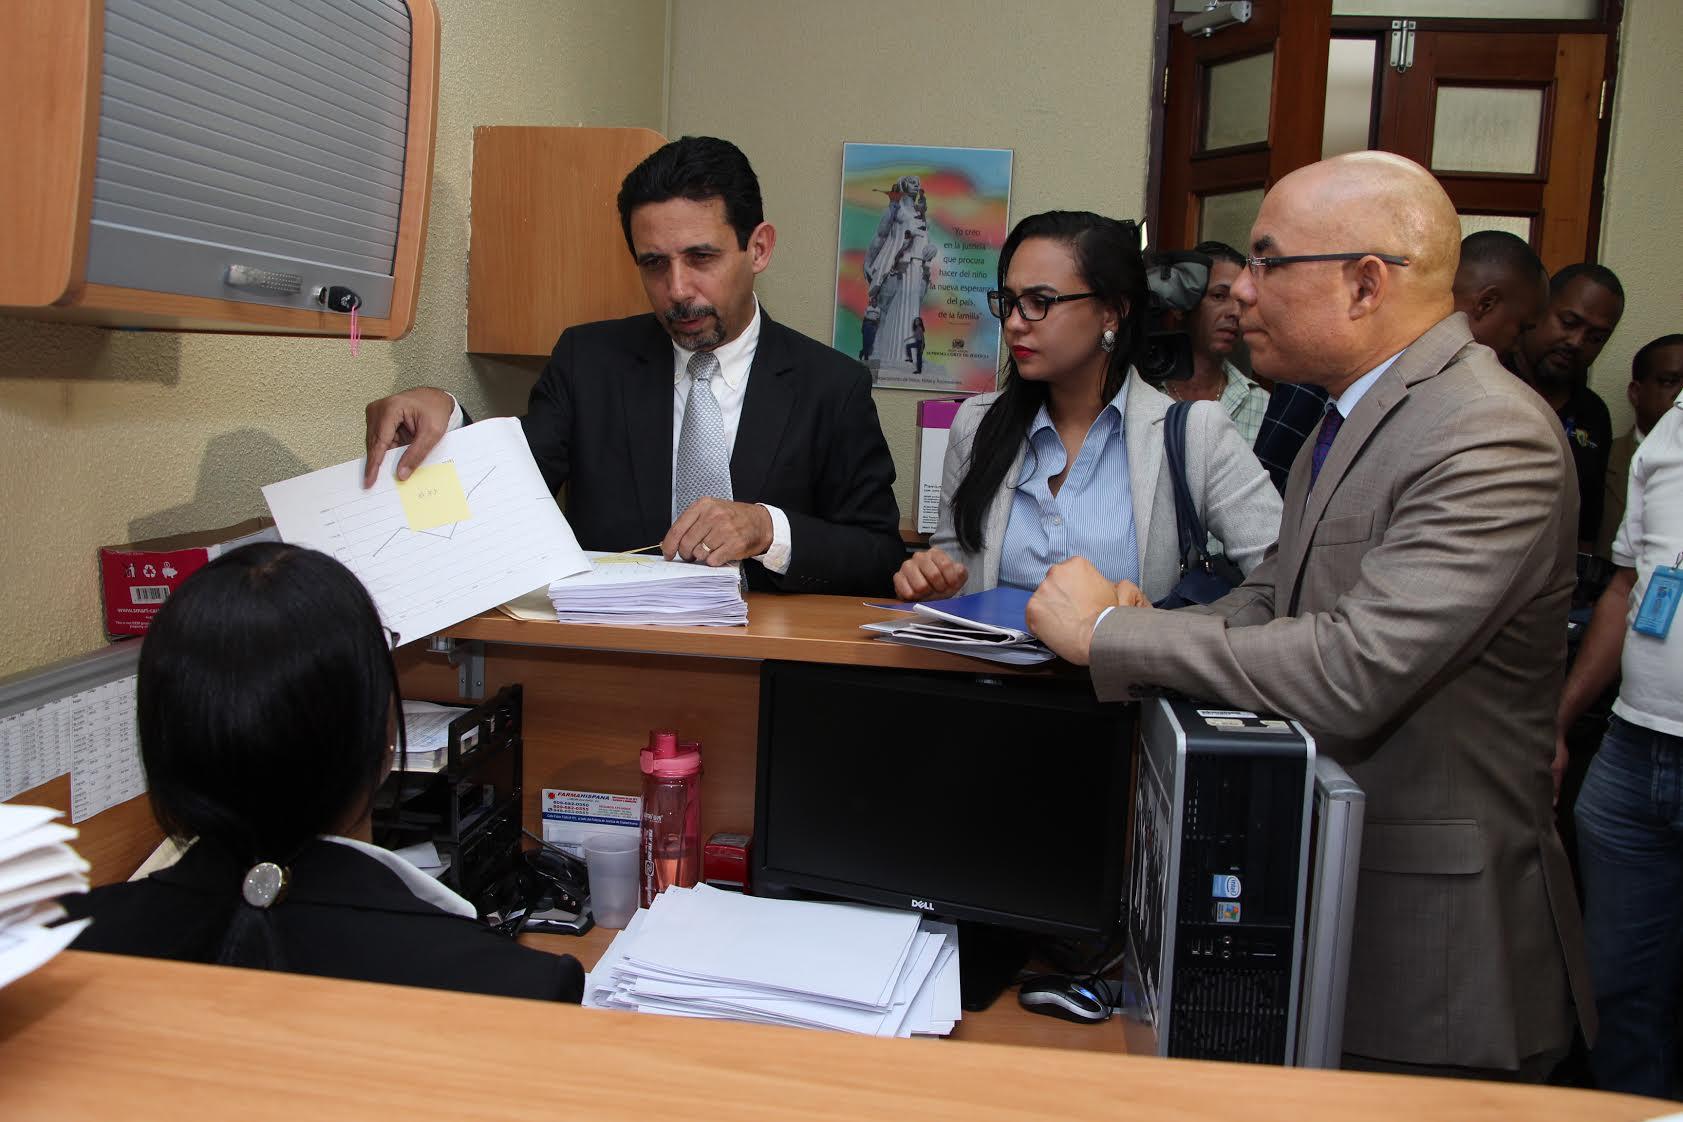 El Ministro Administrativo se querella demanera formal contra dirigente PRM